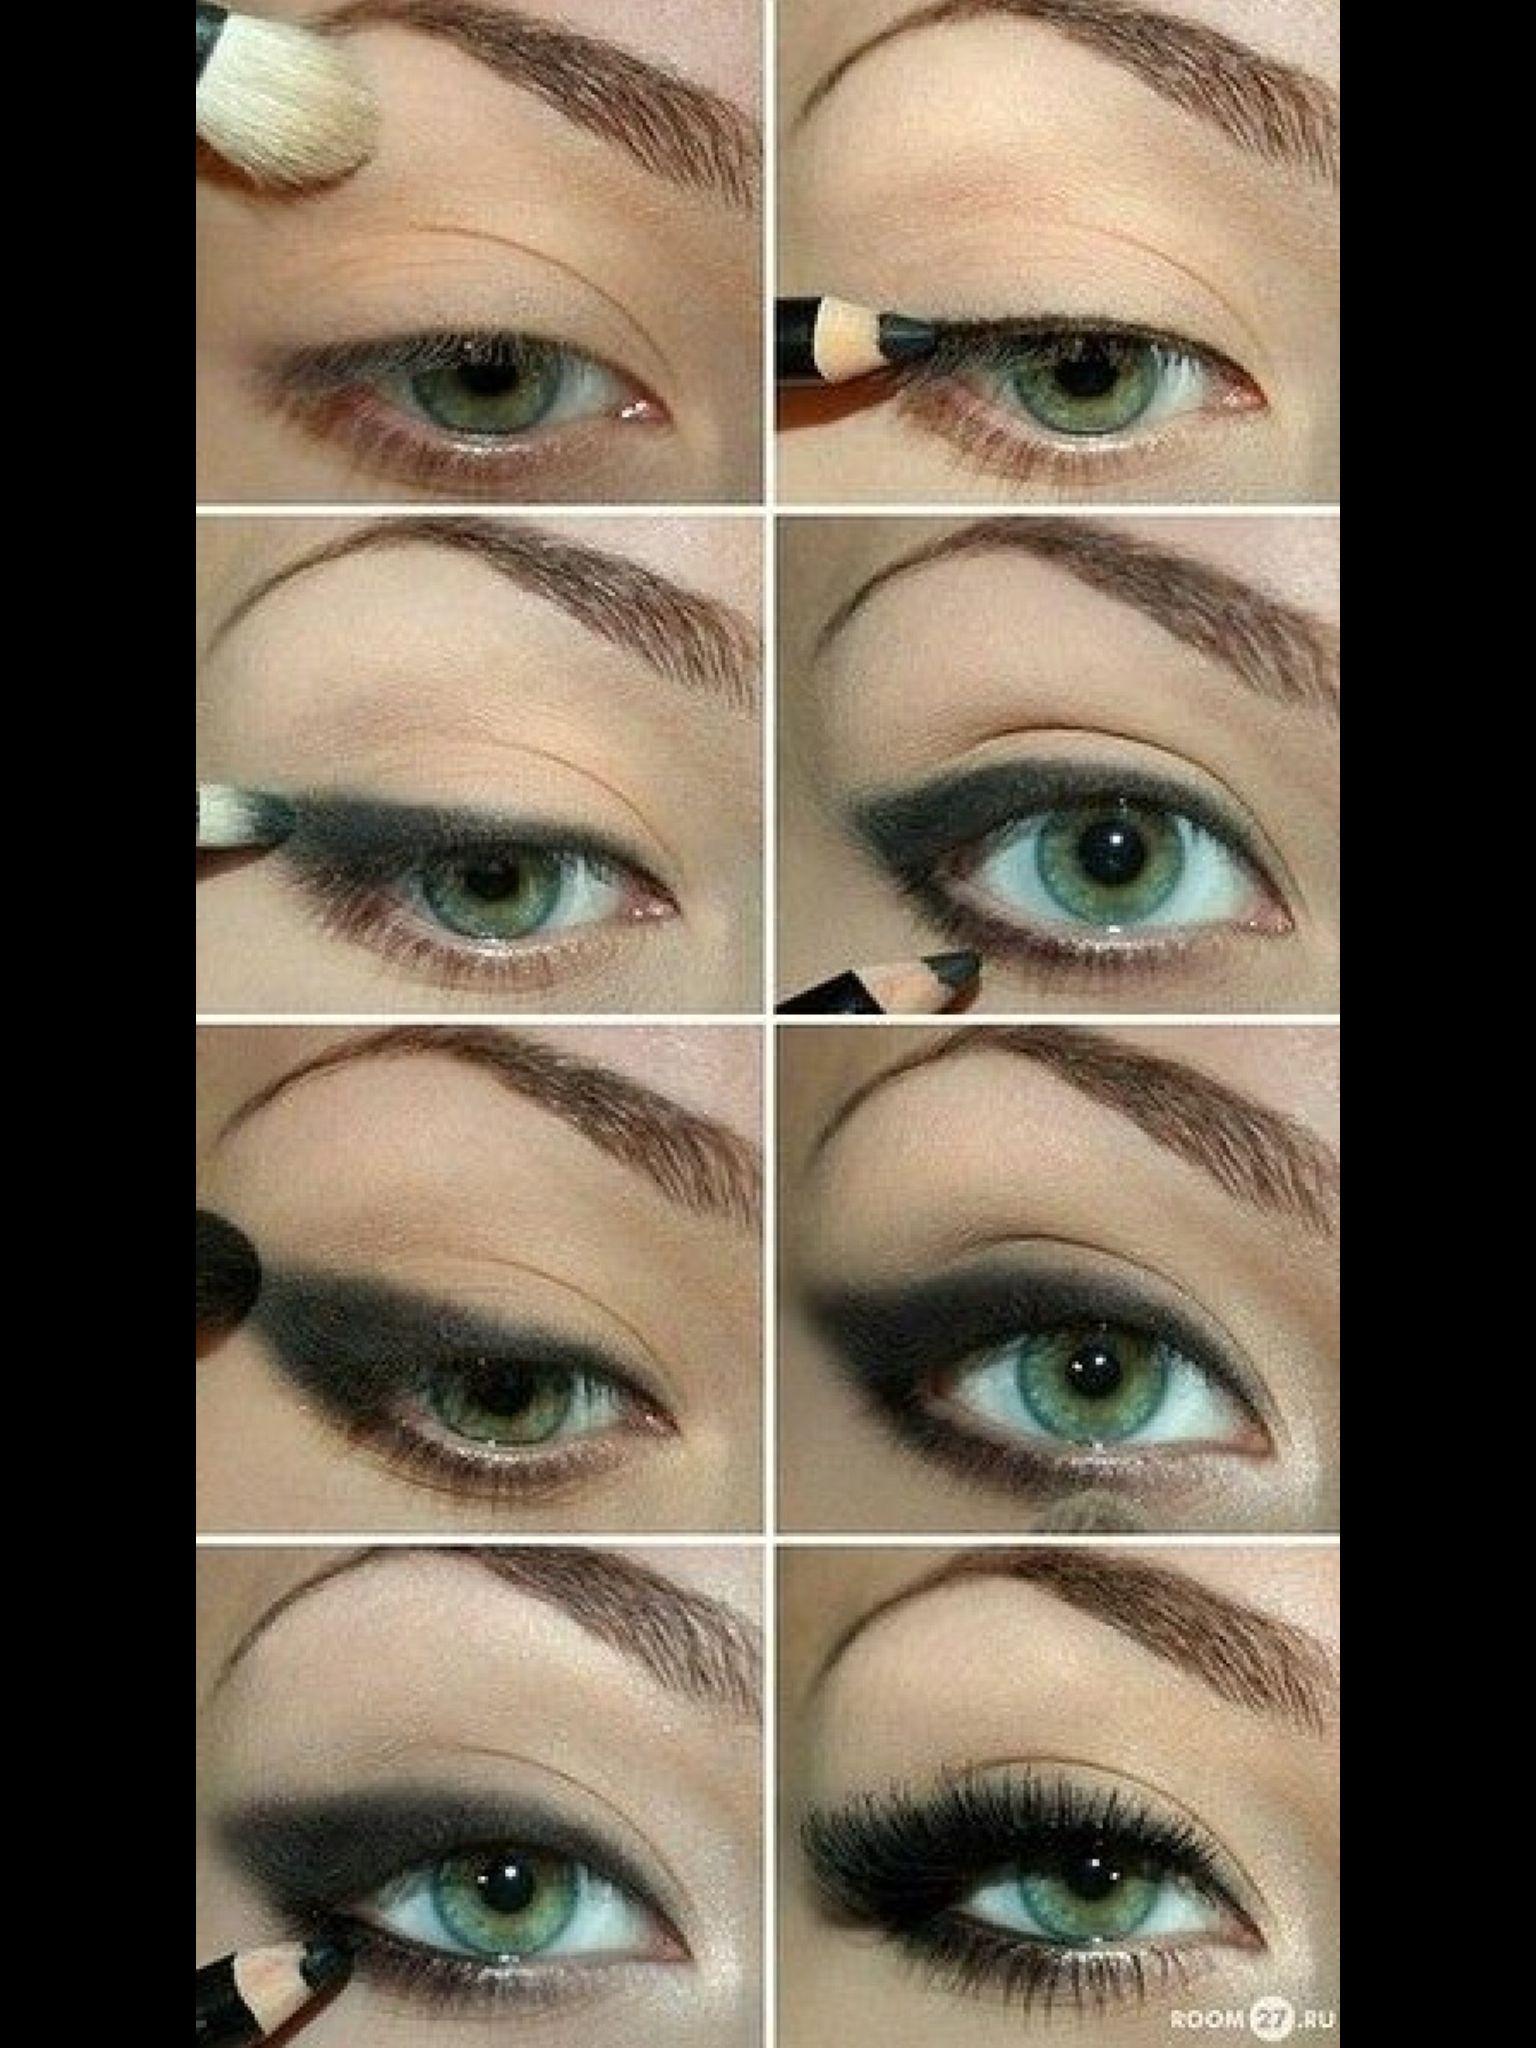 Eyeliner Tutorial: Emo Eye Makeup For School